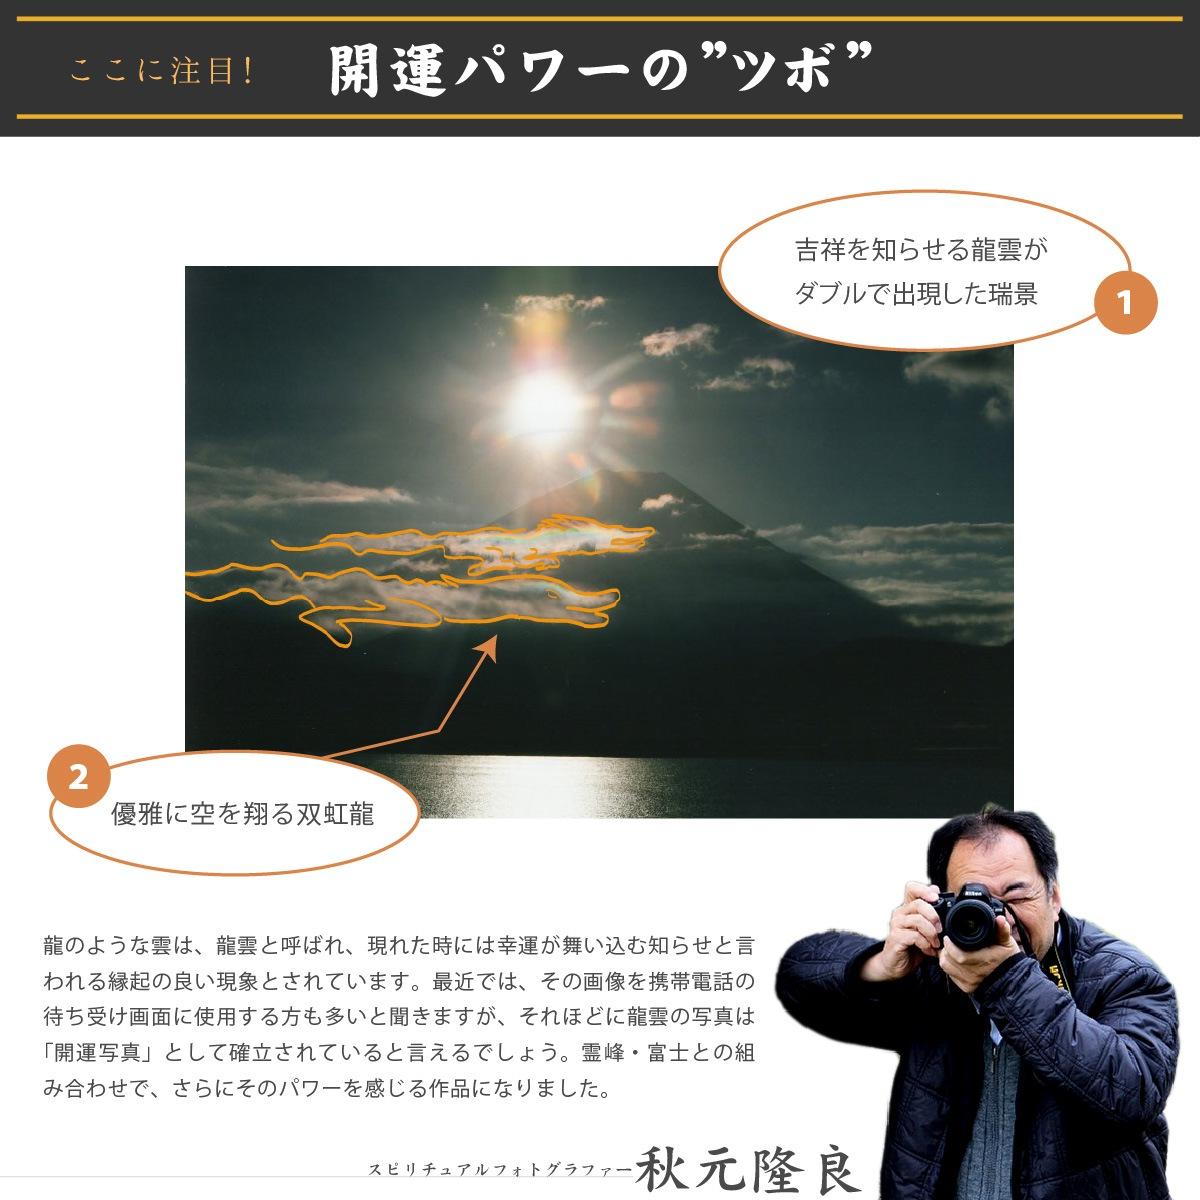 【奇跡の写真】富士に双龍 ≫飾るだけで幸運が連鎖すると話題!秋元隆良の開運フォト作品